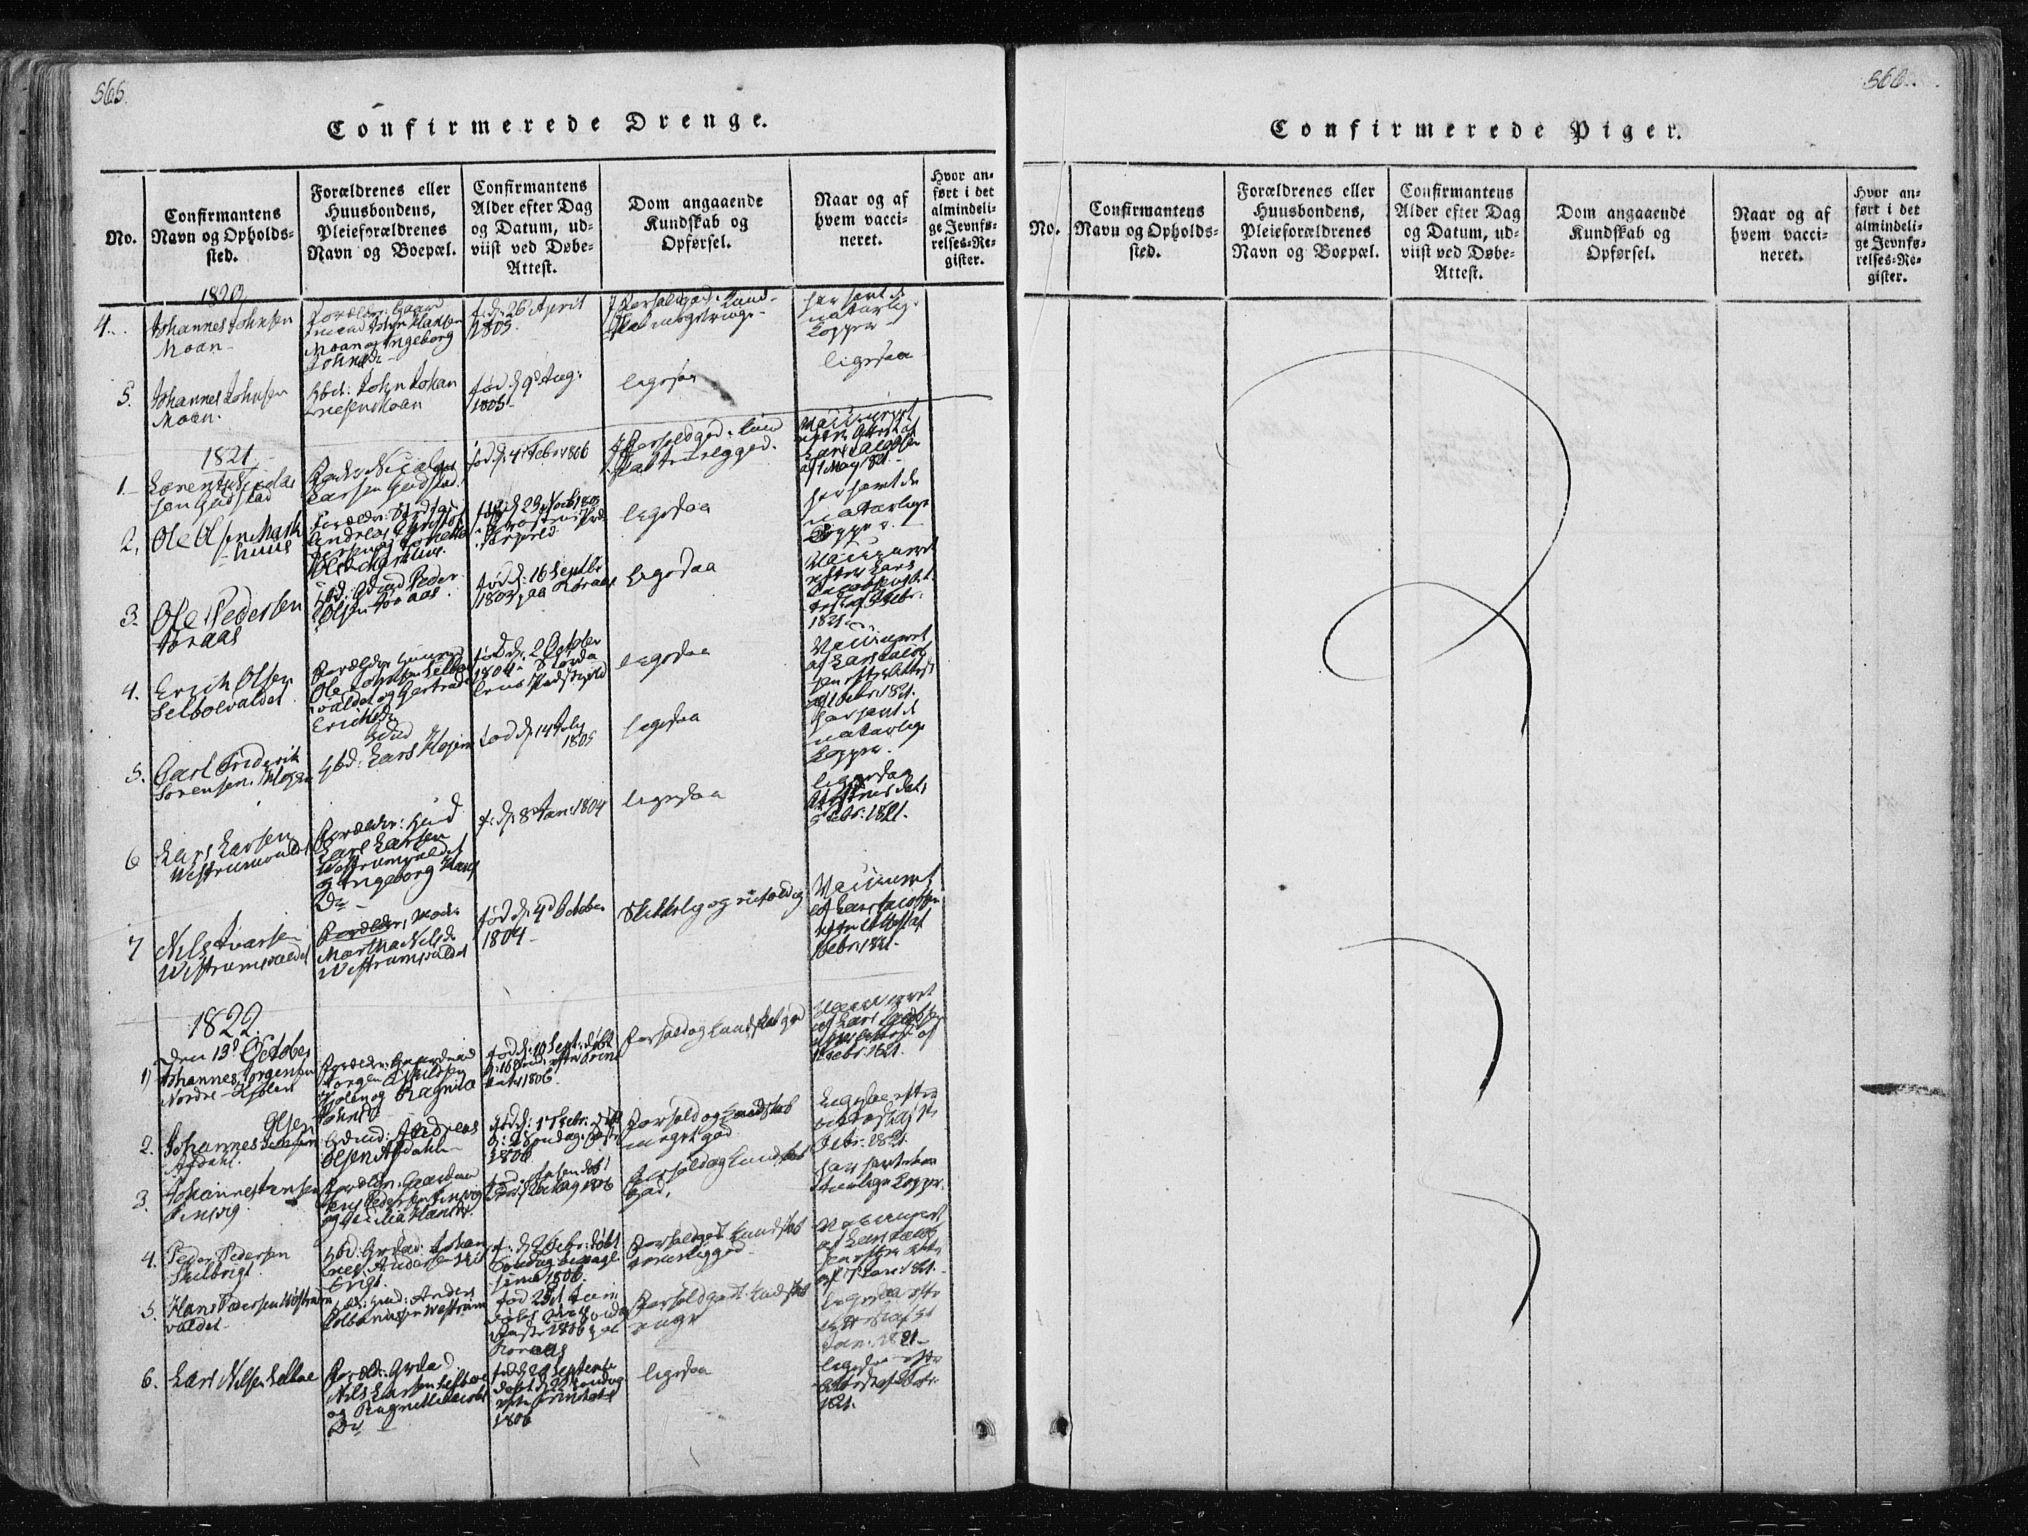 SAT, Ministerialprotokoller, klokkerbøker og fødselsregistre - Nord-Trøndelag, 717/L0148: Ministerialbok nr. 717A04 /3, 1816-1825, s. 565-566